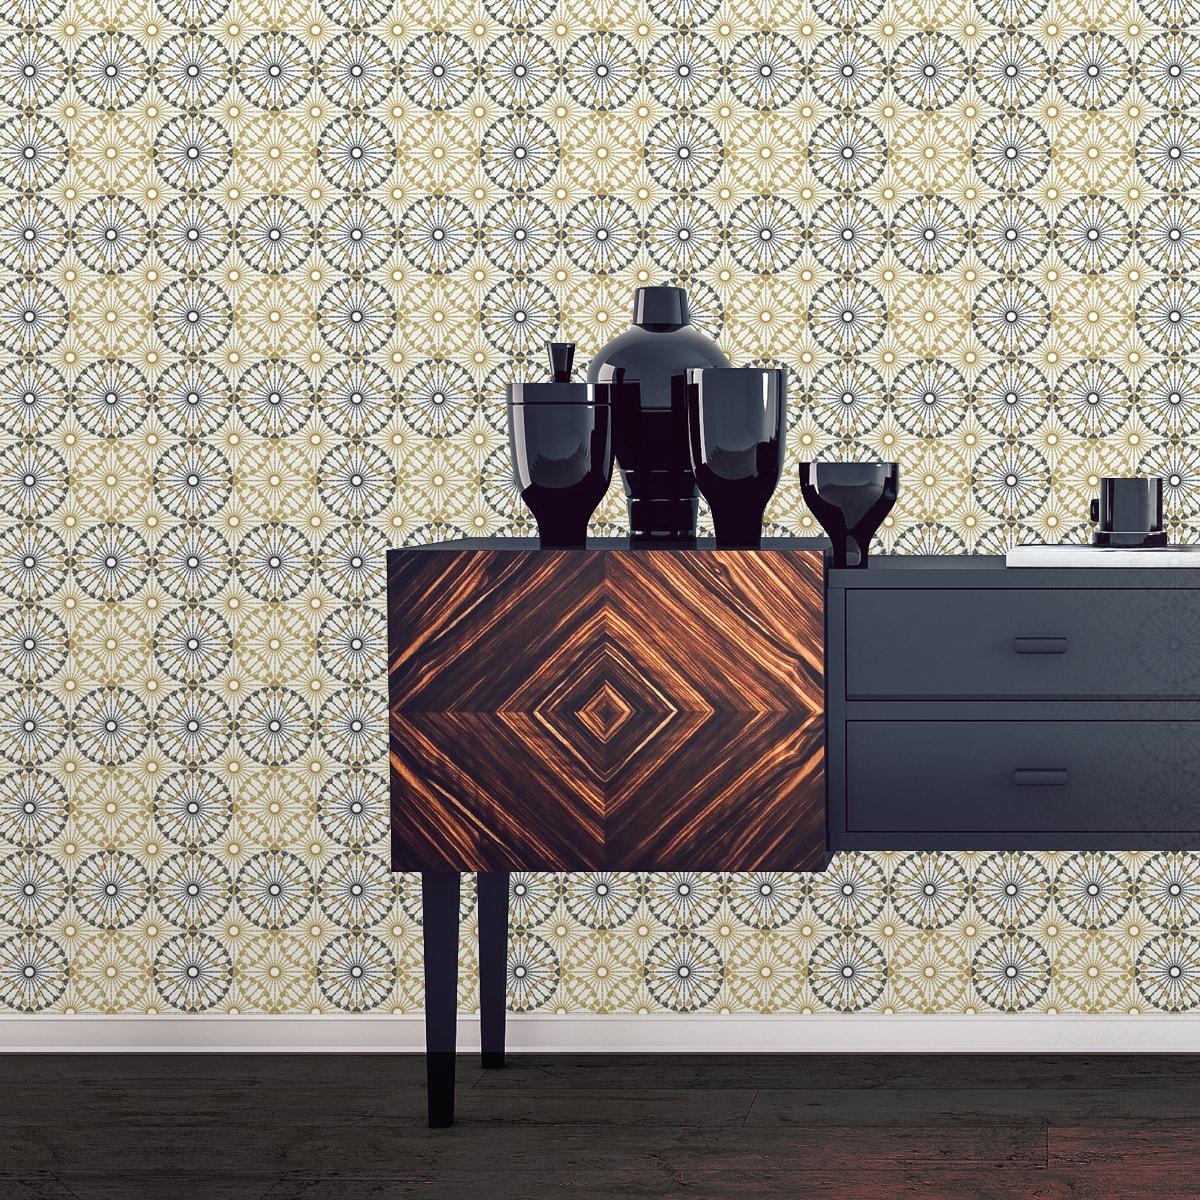 Schlafzimmer tapezieren in creme: Moderne Tapete